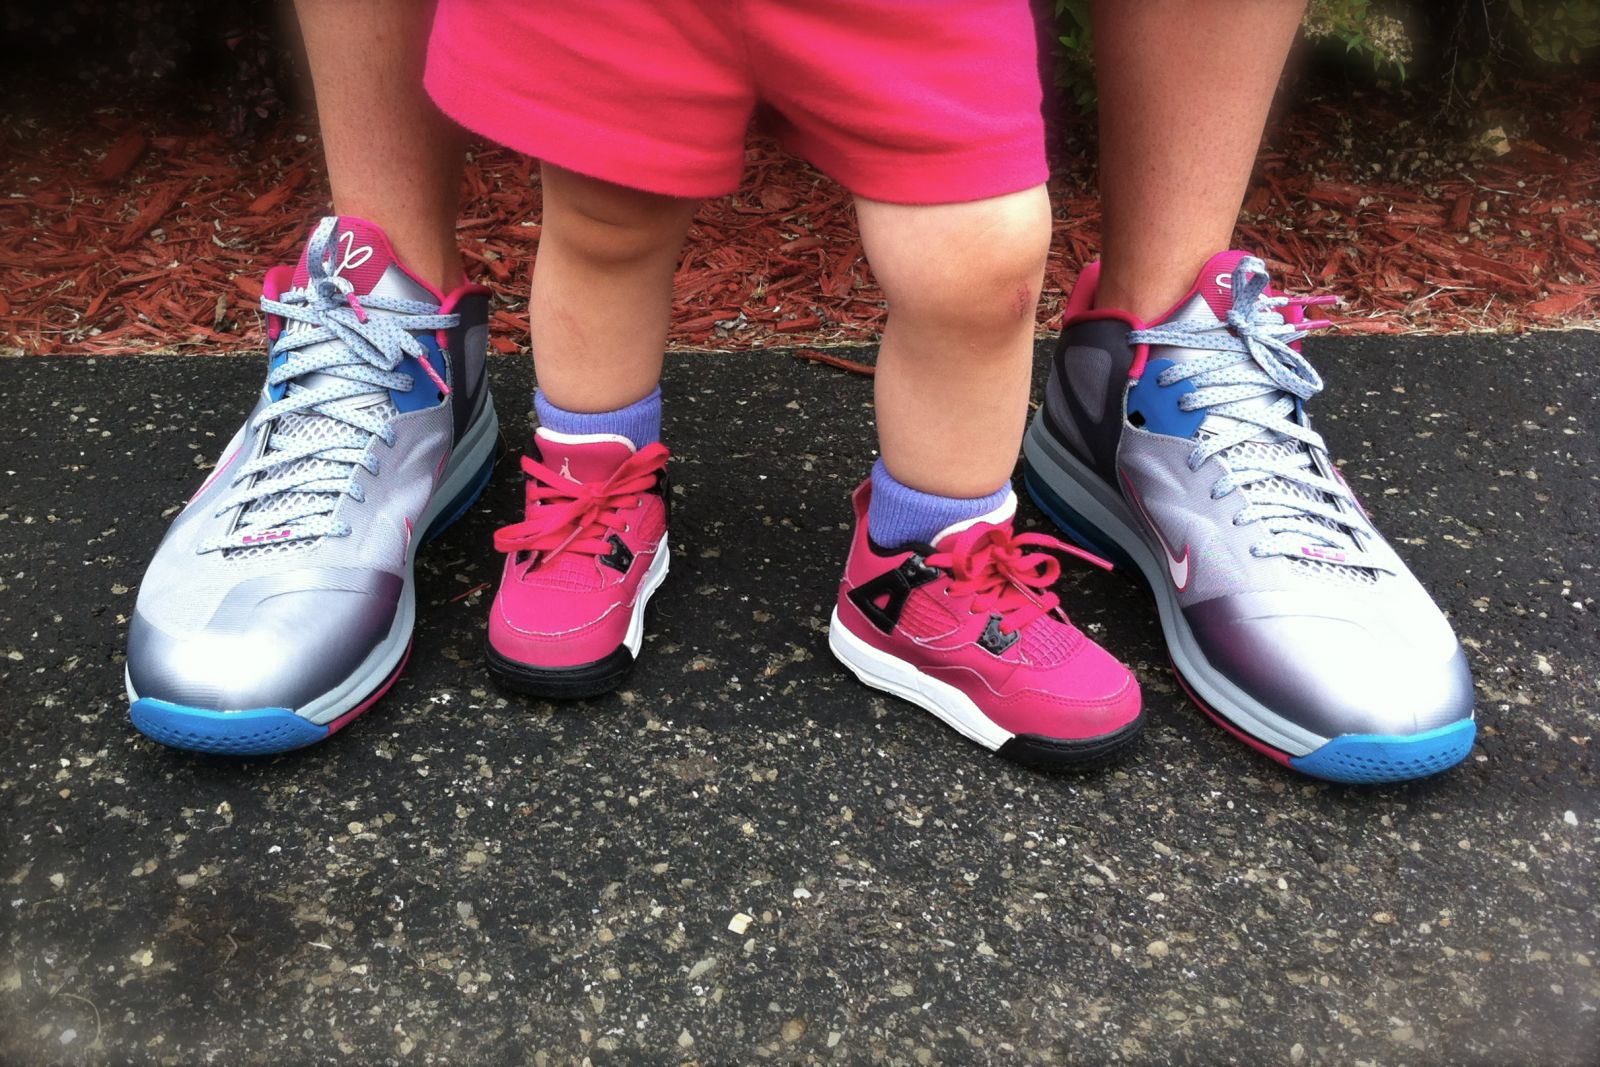 977138bfe109 WDYWT –  4Drumz Rockin The Nike LeBron 9 Low Fireberry